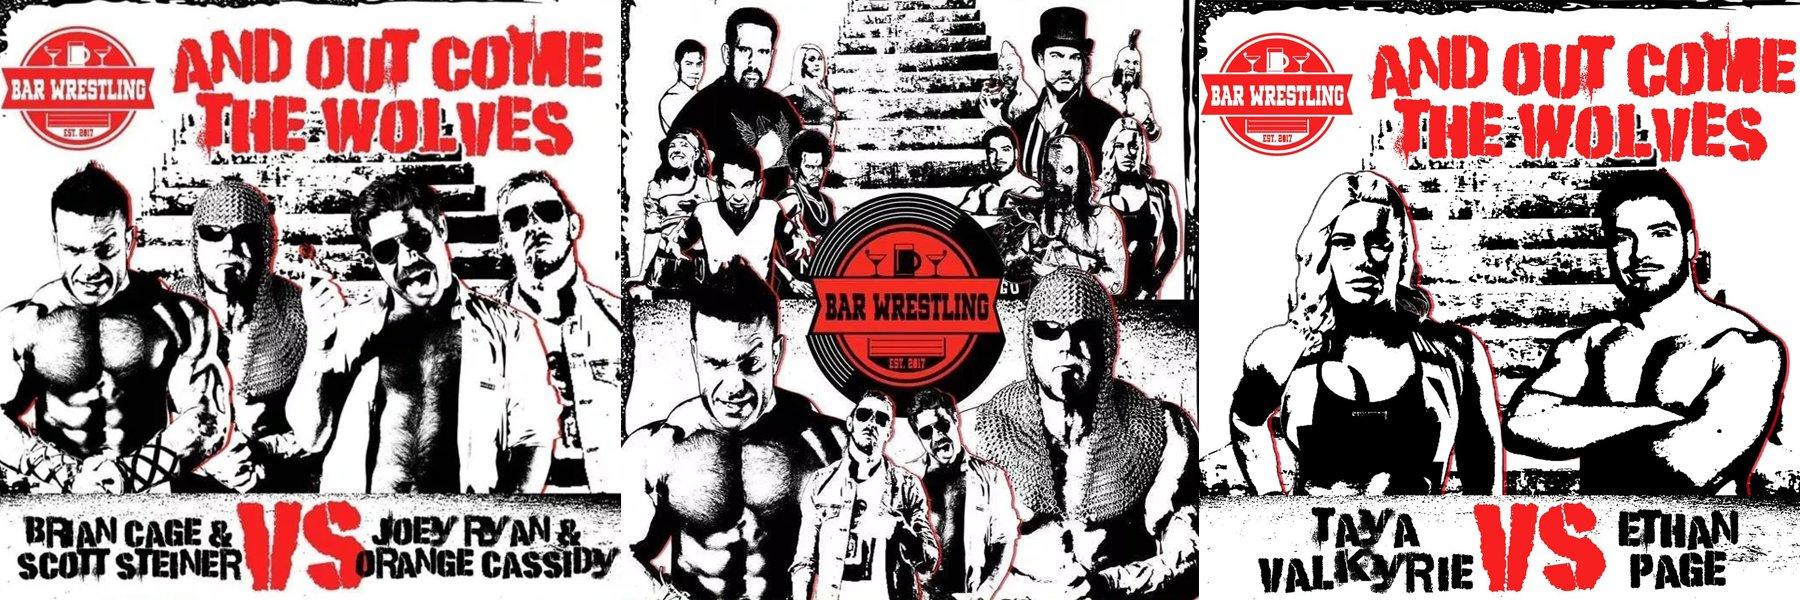 NEW Bar Wrestling! Scott Steiner, Orange Cassidy, Joey Ryan, Brian Cage